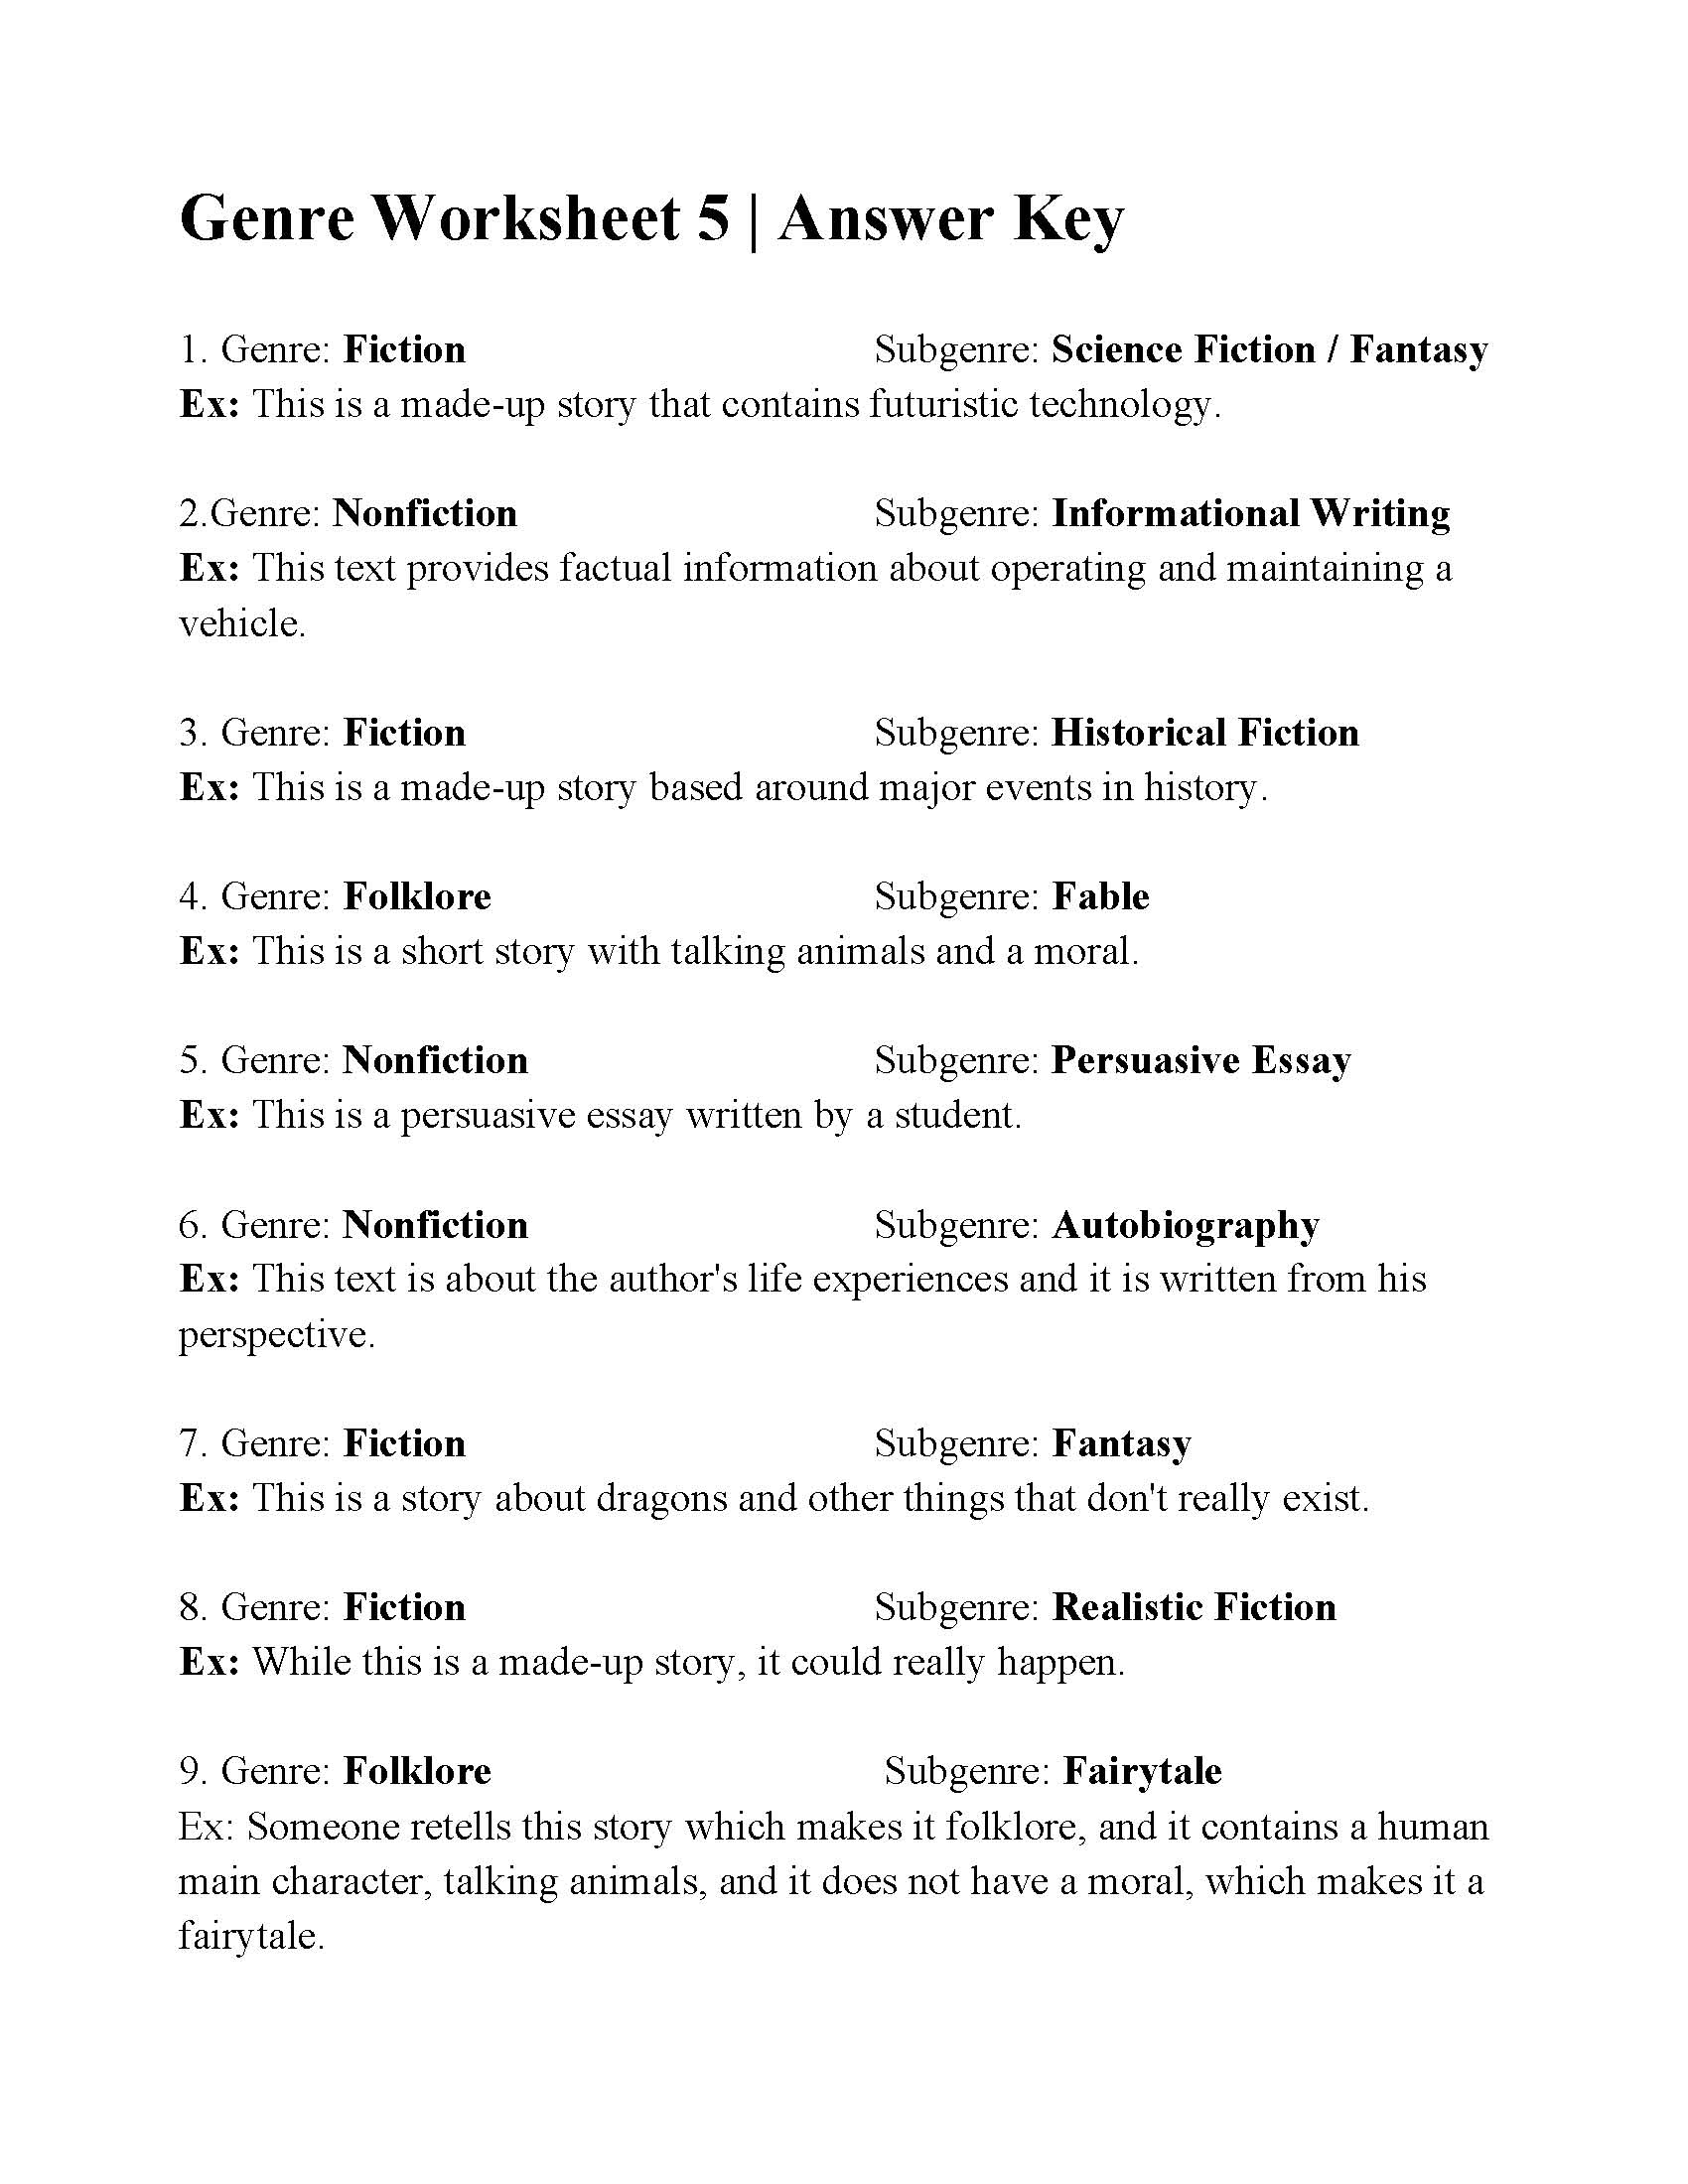 Genre Worksheet 5